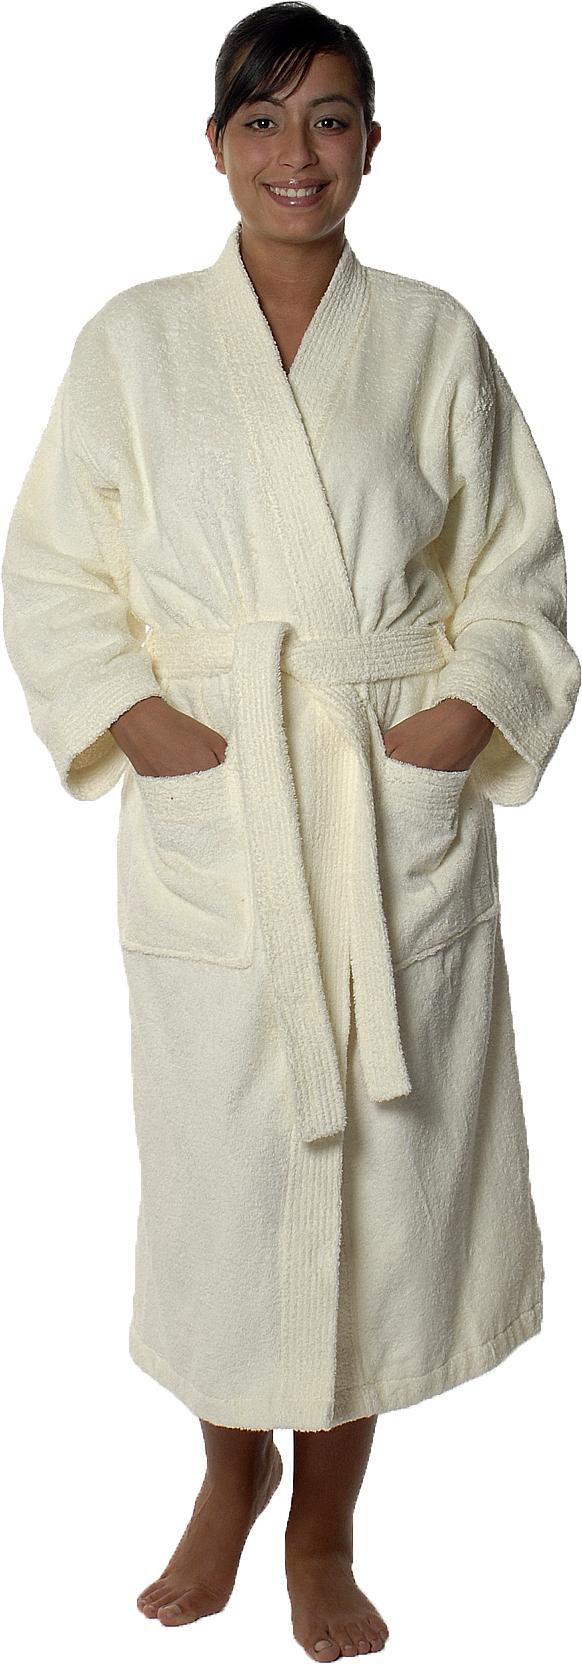 Peignoir col kimono en Coton couleur Ecru Taille XL (Ecru)